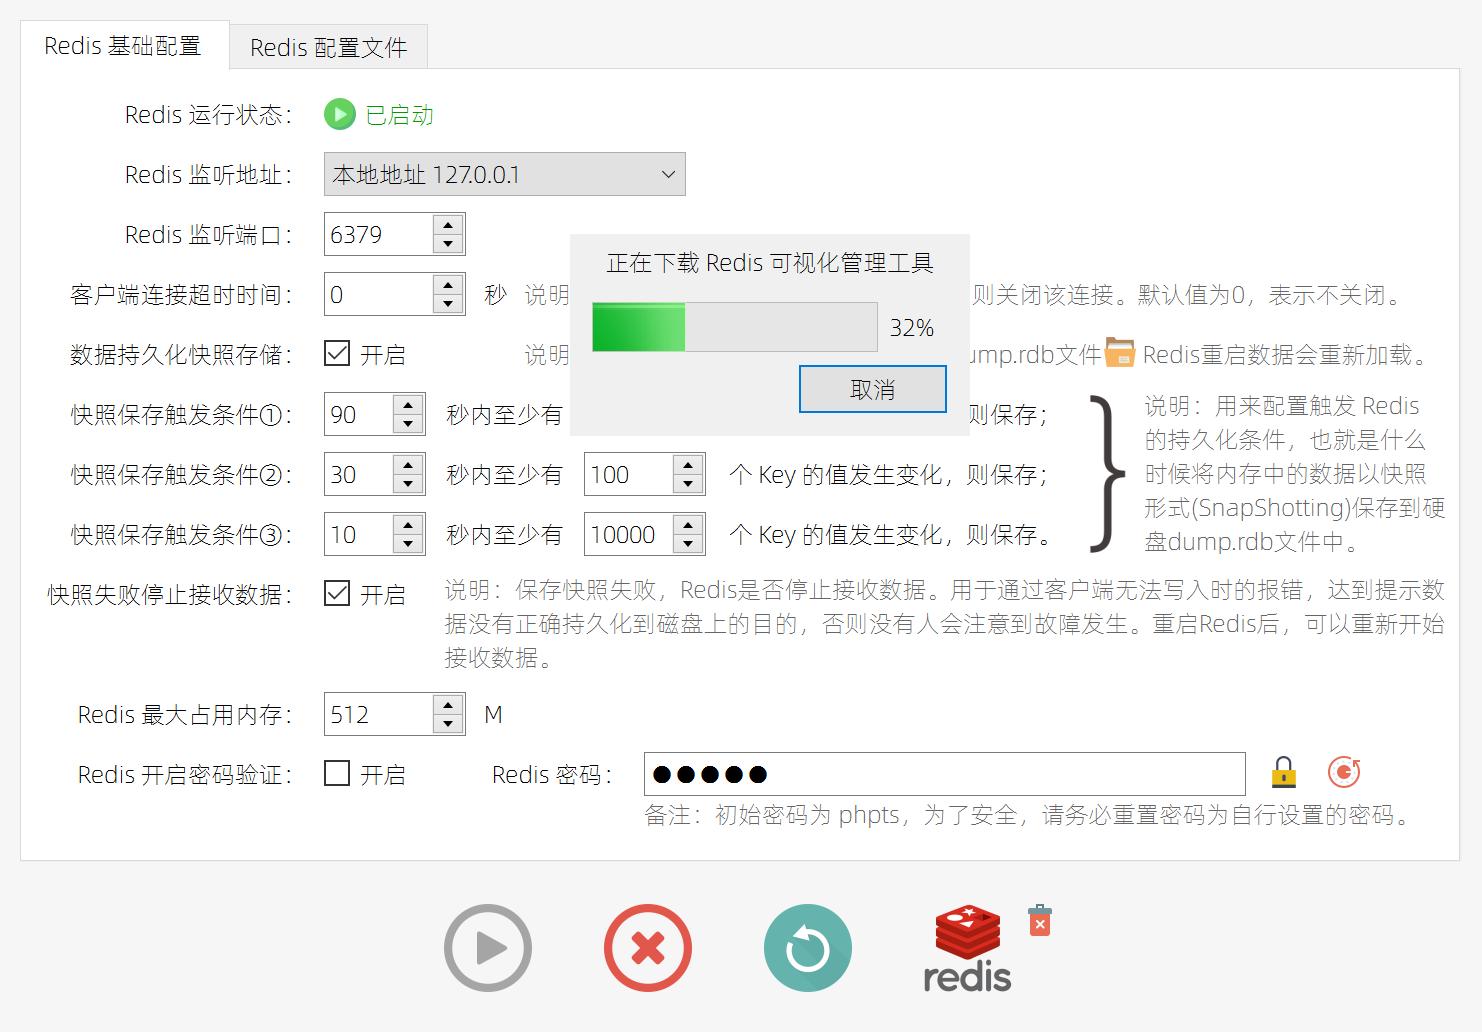 组件化安装卸载台湾快乐8优游平台工具